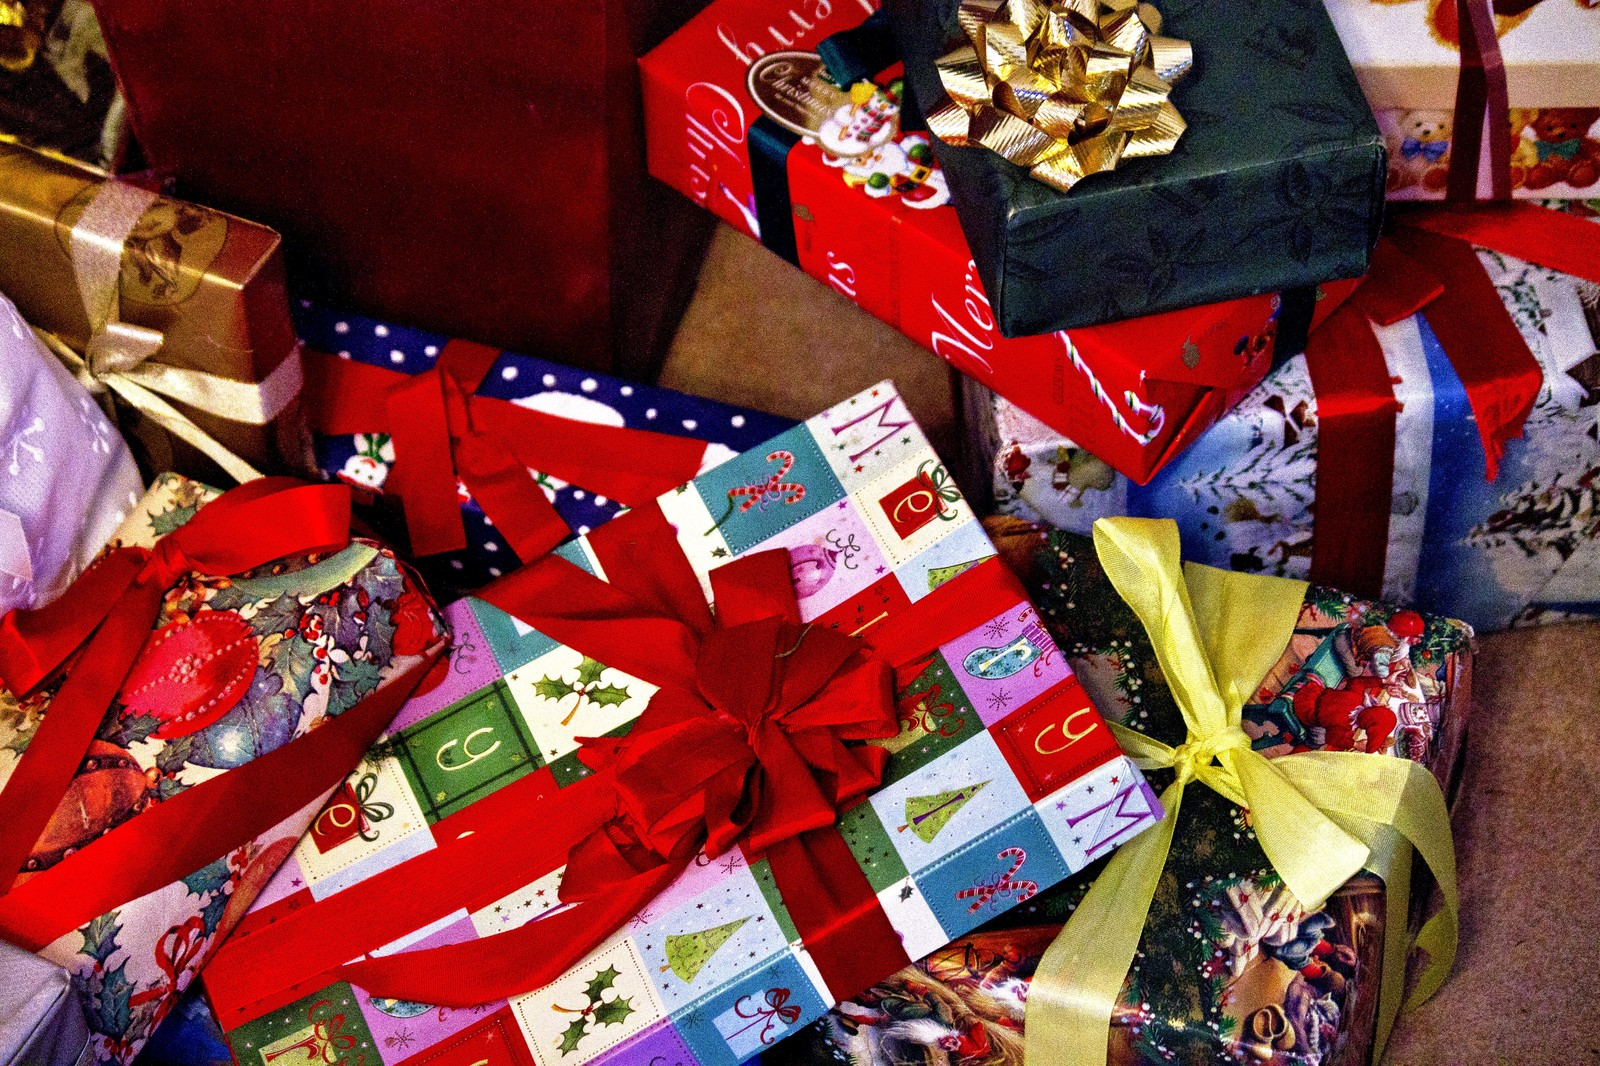 クリスマスプレゼント2019!嫁にサプライズで贈る方法は予算がなくても大丈夫!